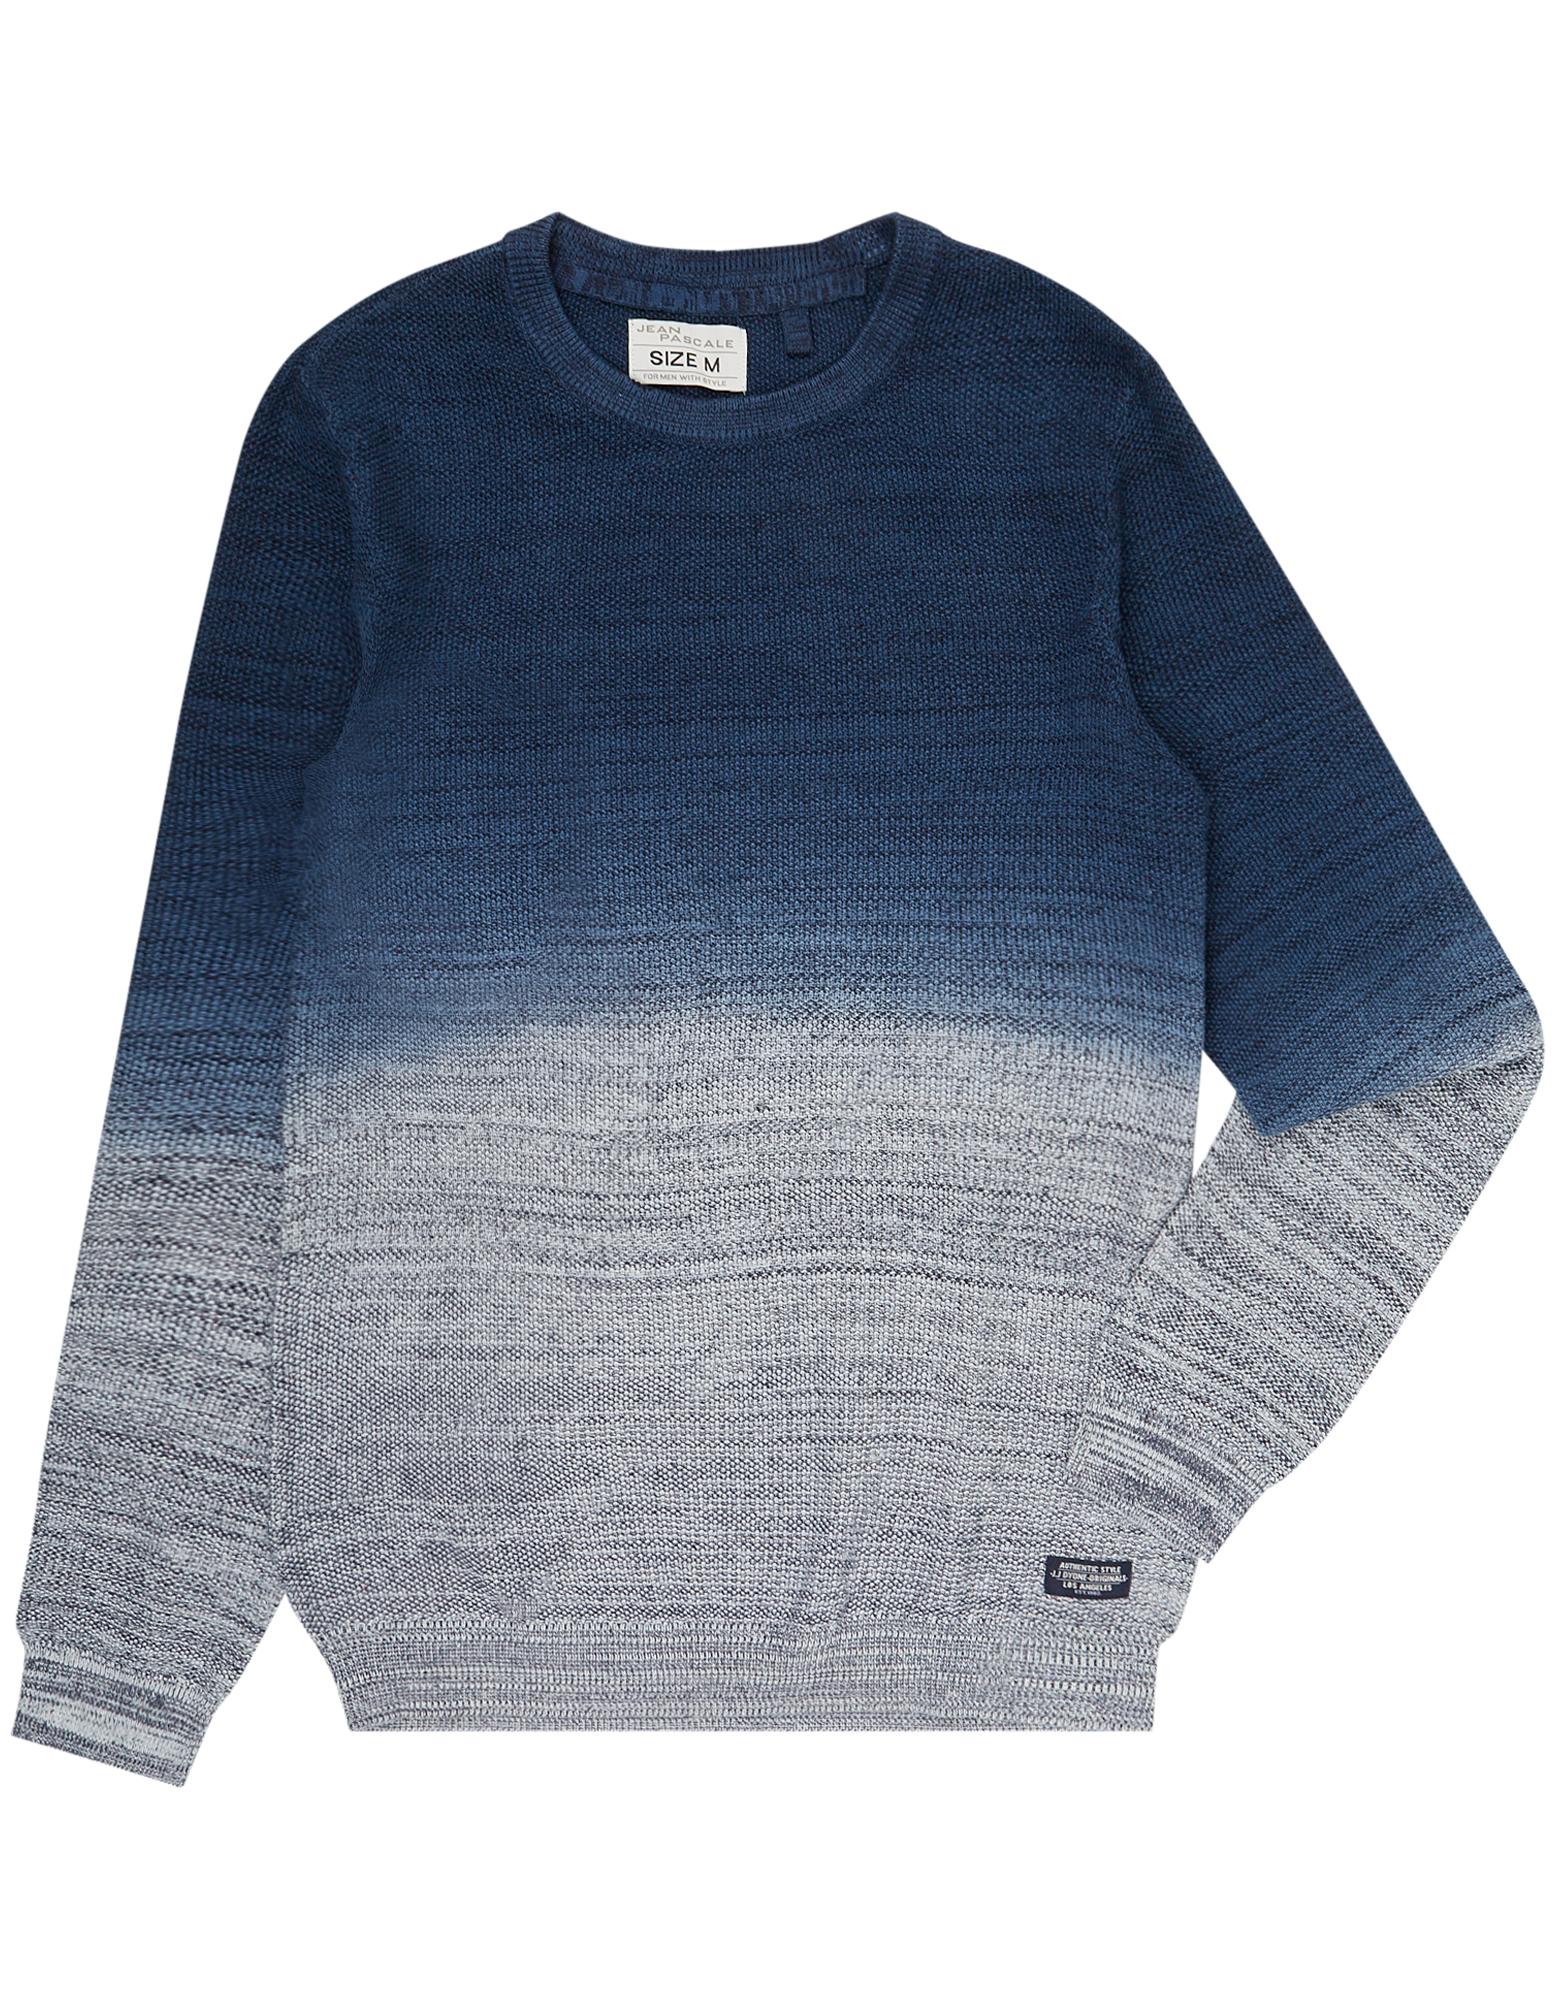 herren pullover herren pullover mit farbverlauf takko fashion herren pullover marken herren pullover mit farbverlauf takko